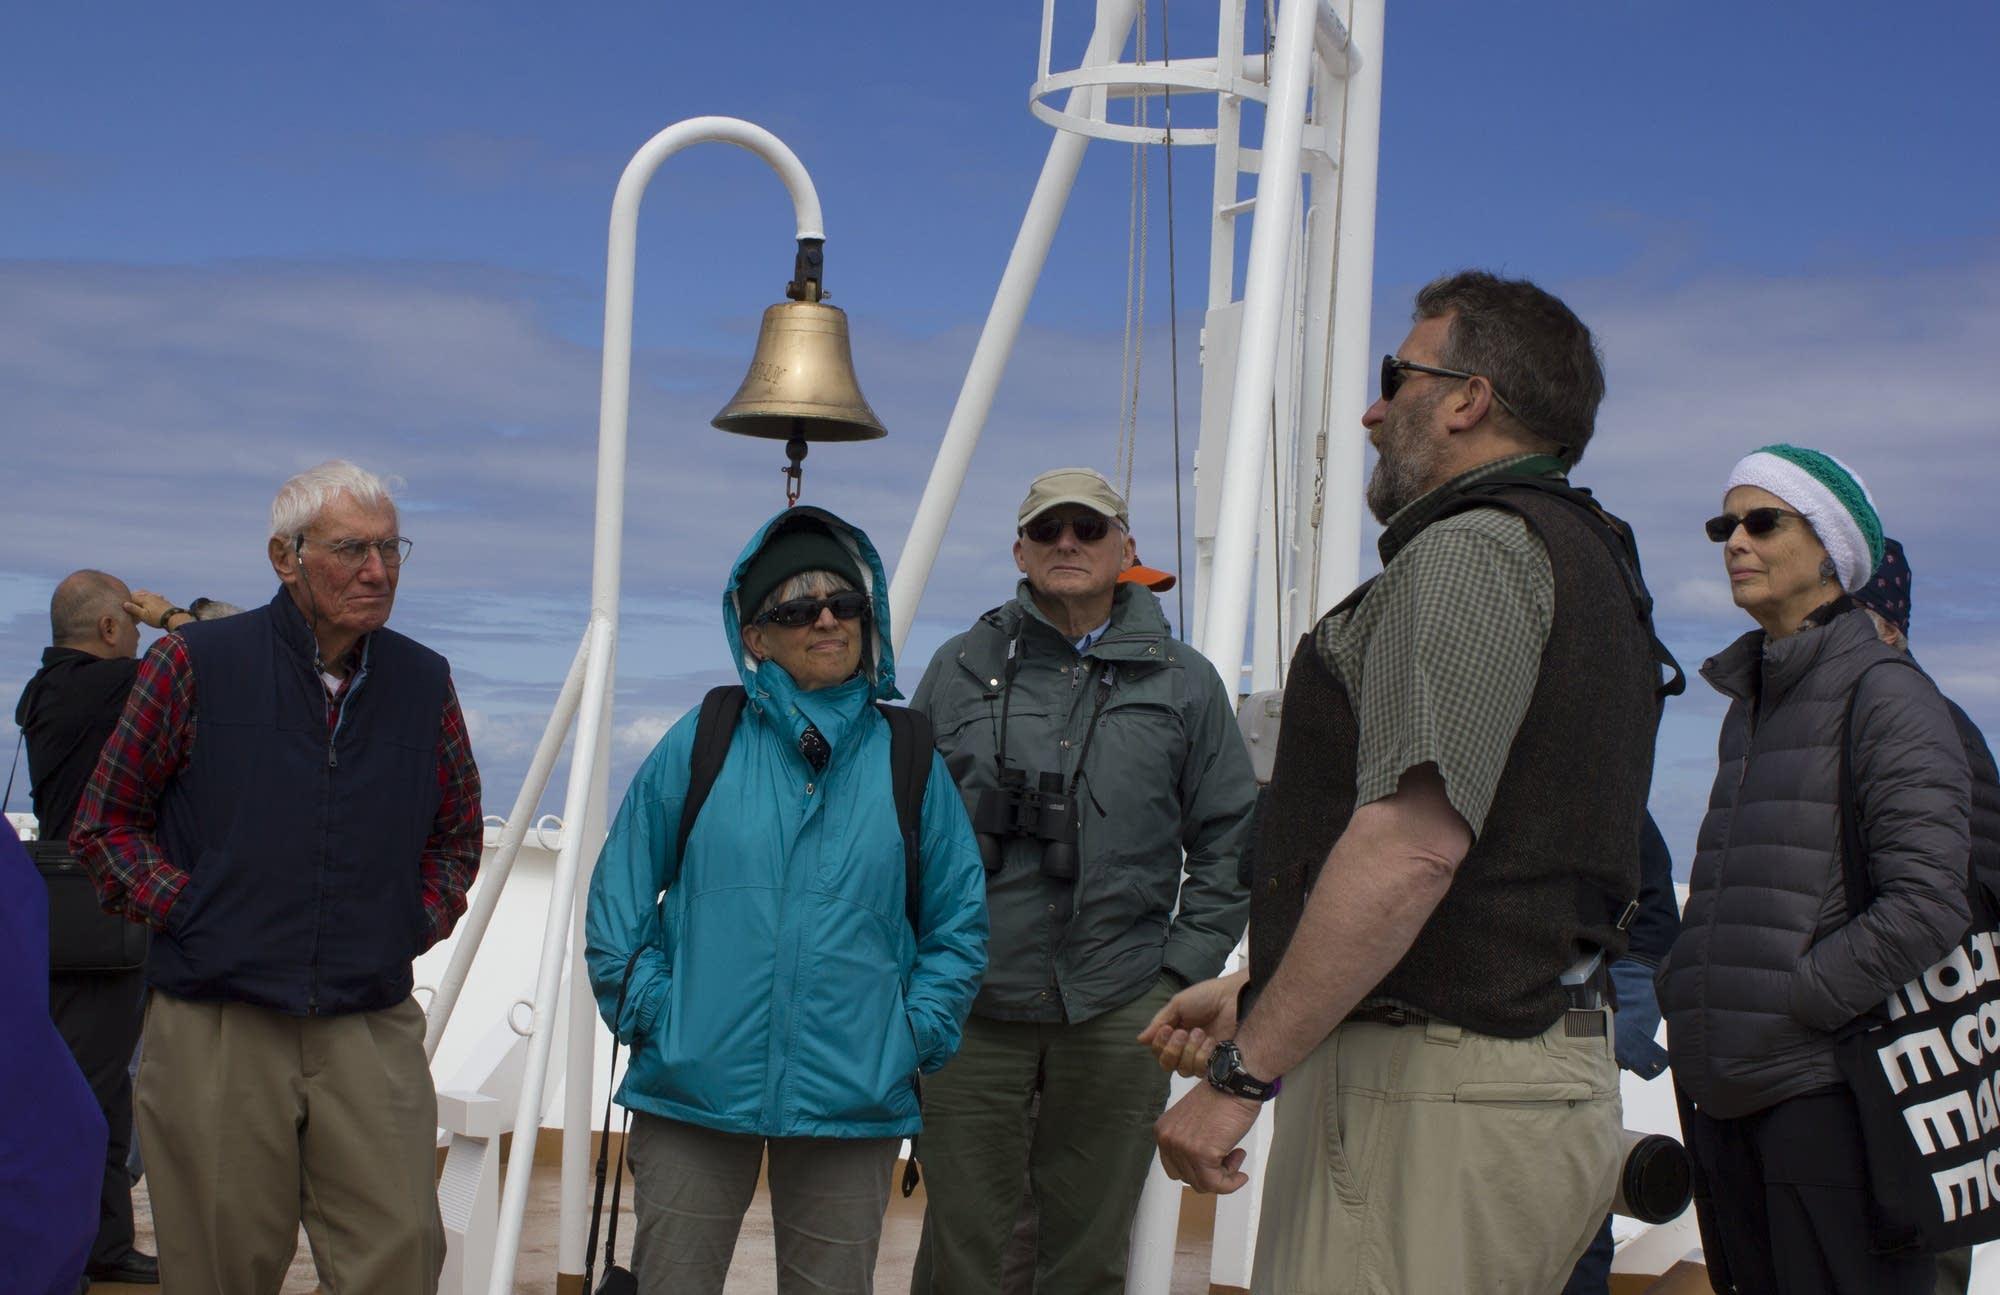 North Sea - 14 - Naturalists